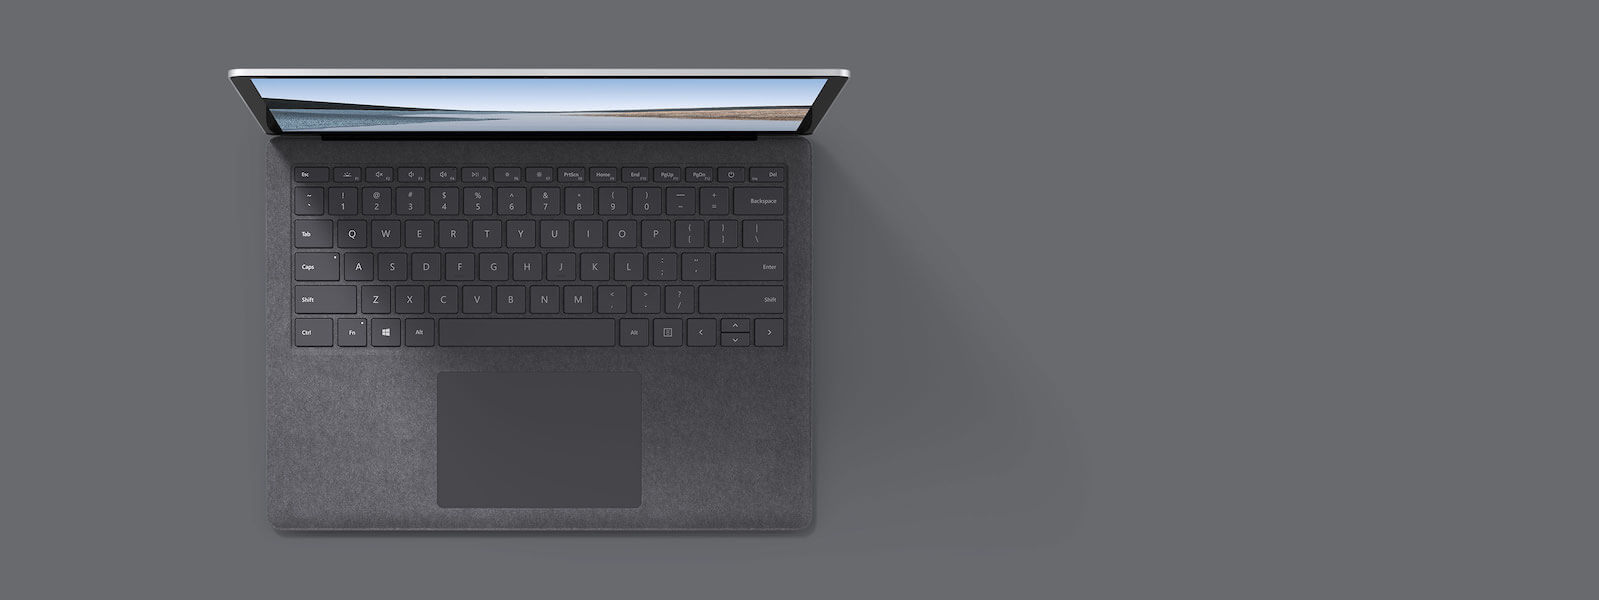 亮铂金 13.5 英寸 Surface Laptop 3 俯视图